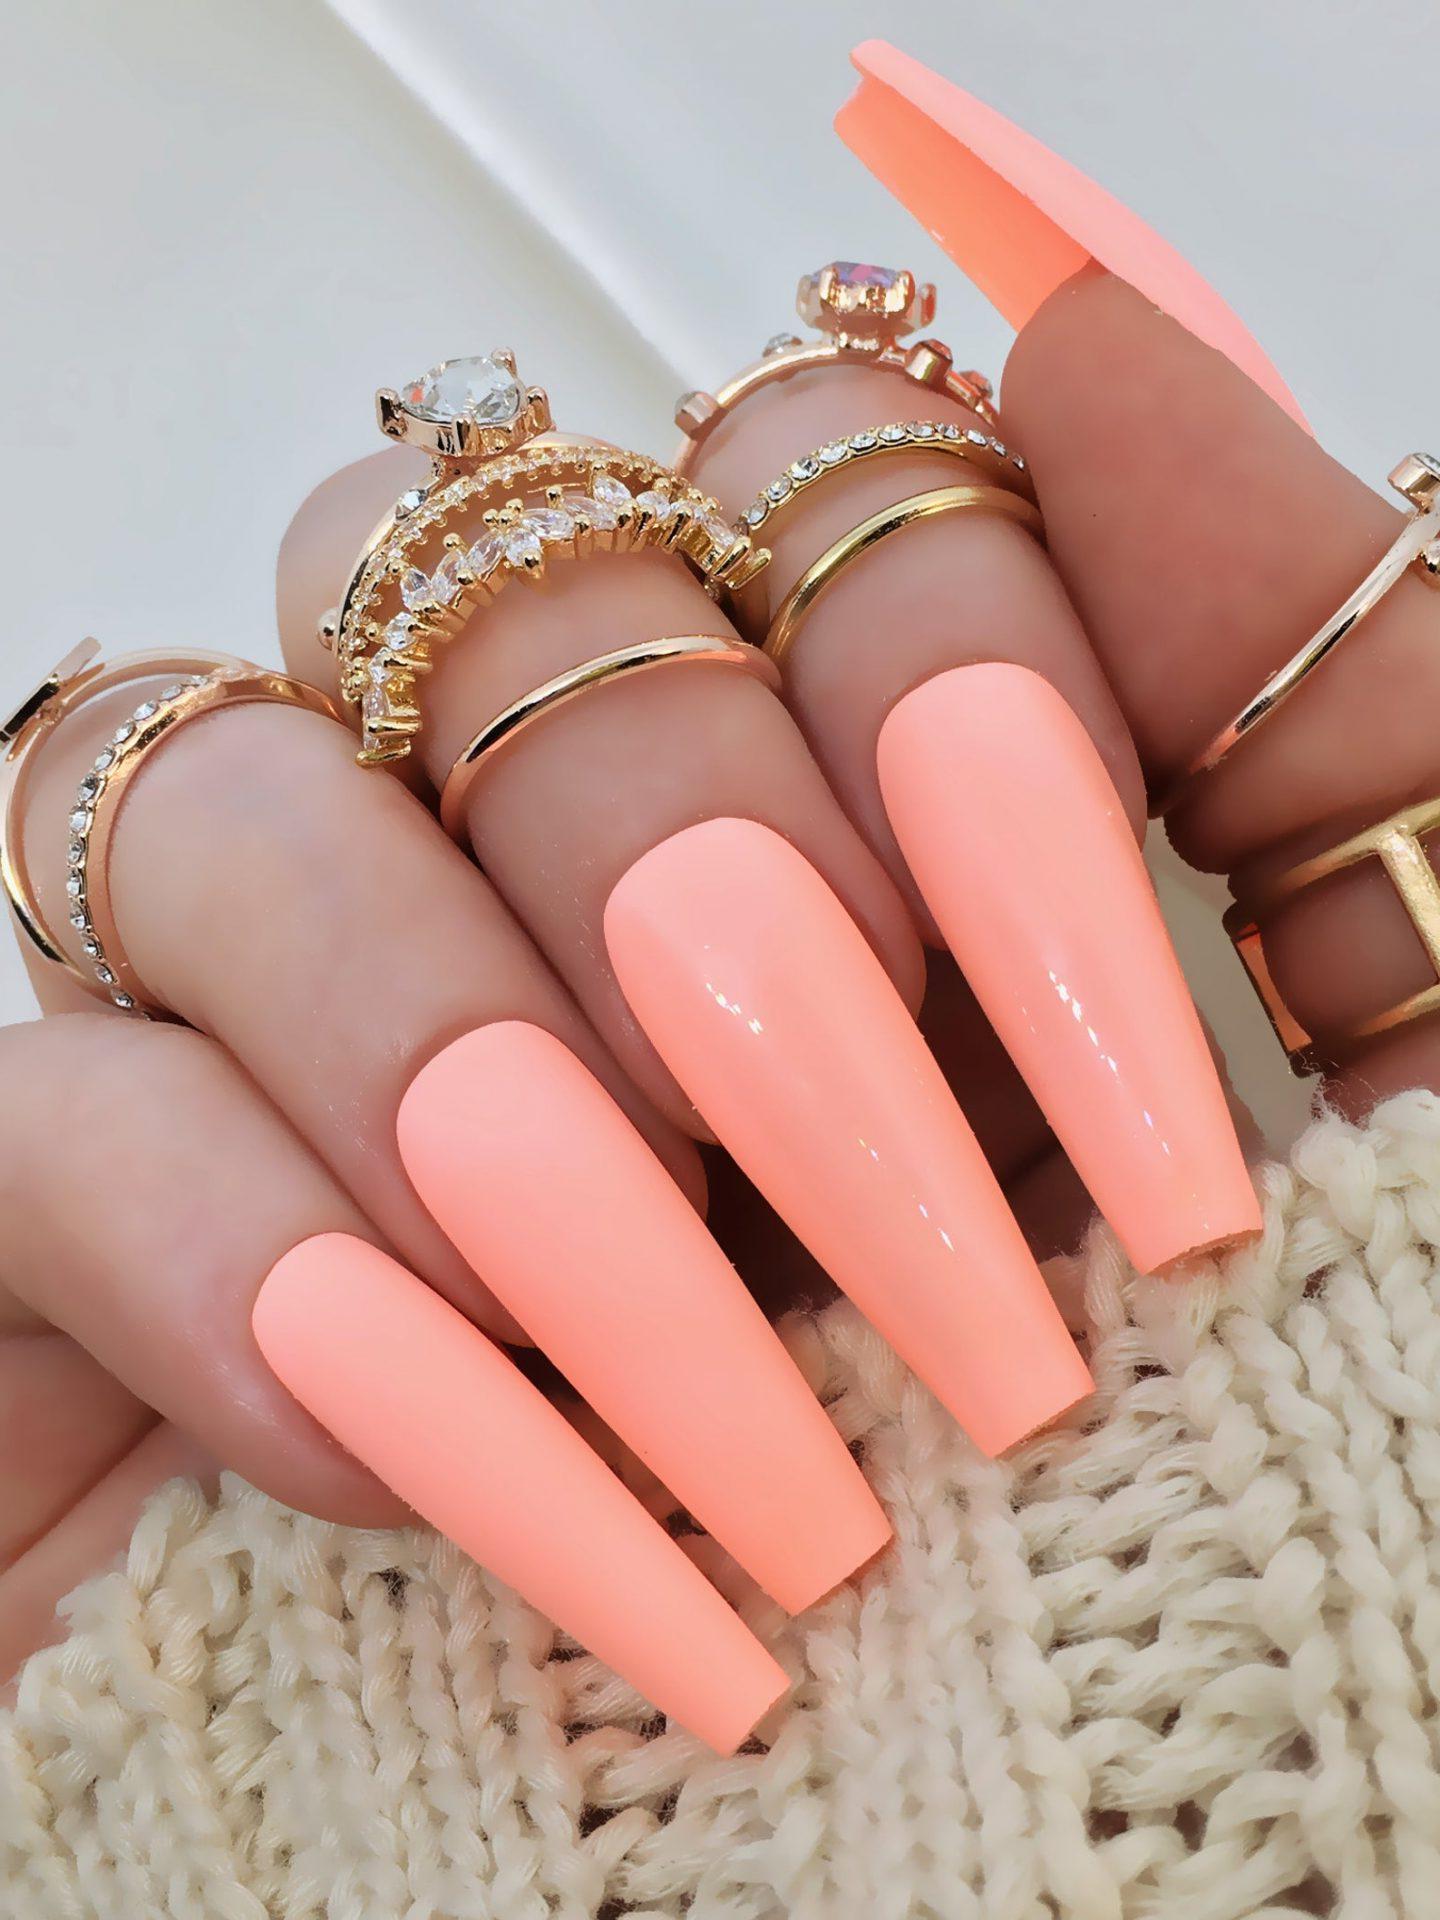 idee ongle semi permanent vernis de base corail tendance couleur été 2021 bijoux or